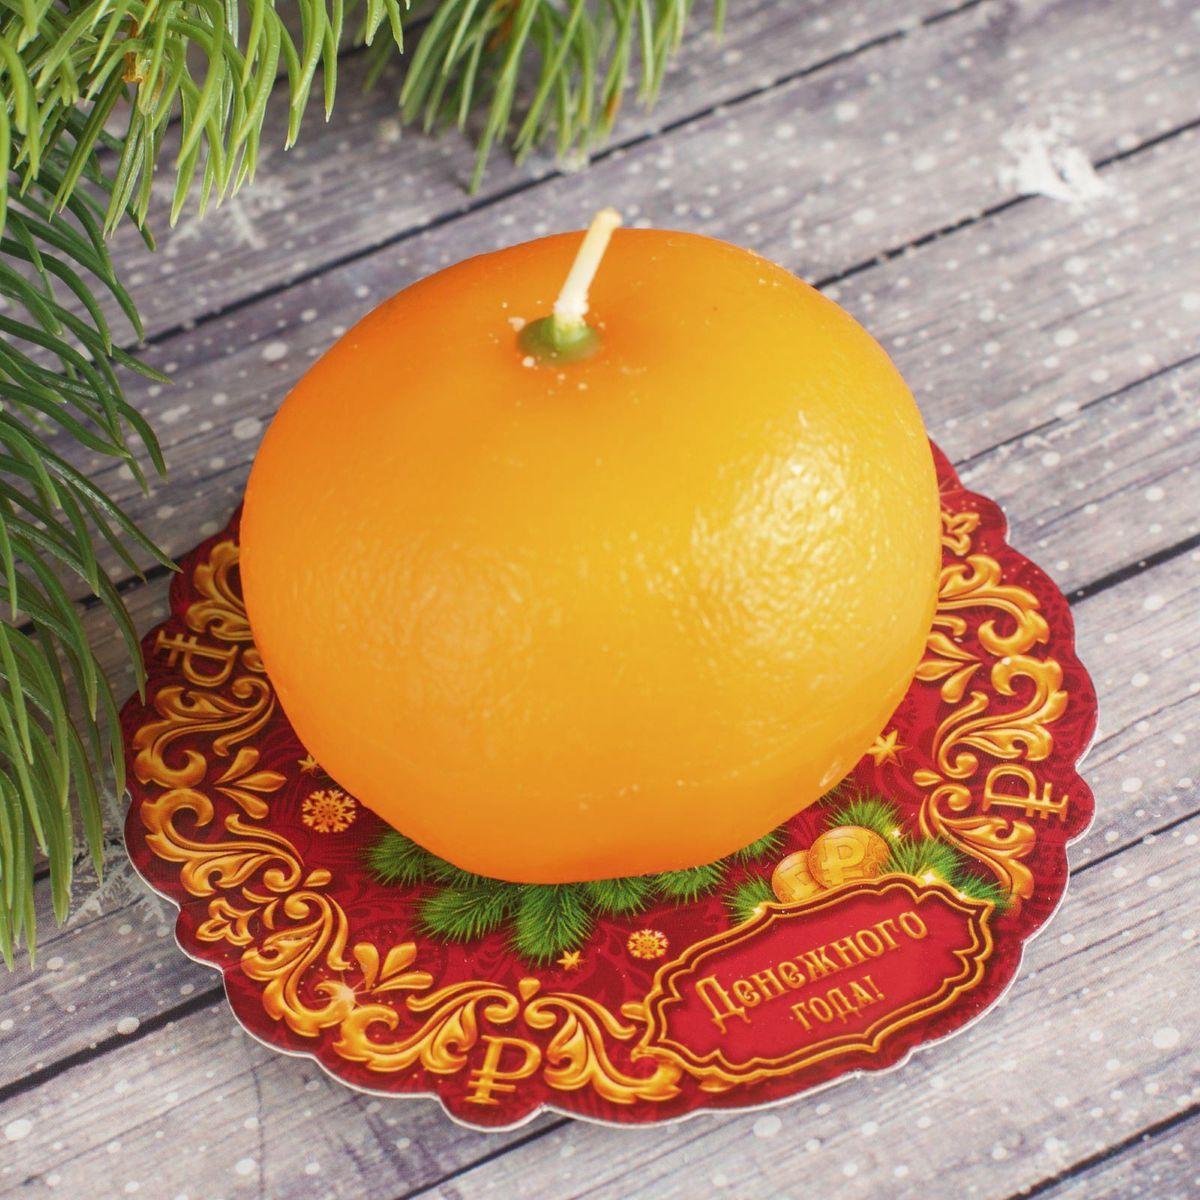 Свеча декоративная Sima-land Мандарин. Денежного счастья, цвет: оранжевый, высота 5 см2306774Невозможно представить нашу жизнь без праздников! Мы всегда ждем их и предвкушаем, обдумываем, как проведем памятный день, тщательно выбираем подарки и аксессуары, ведь именно они создают и поддерживают торжественный настрой - это отличный выбор, который привнесет атмосферу праздника в ваш дом!Каждому хозяину периодически приходит мысль обновить свою квартиру, сделать ремонт, перестановку или кардинально поменять внешний вид каждойкомнаты. Привлекательная деталь, которая поможет воплотить вашу интерьерную идею, создать неповторимую атмосферу в вашем доме. Окружите себя приятными мелочами, пусть они радуют глаз и дарят гармонию.Какой новогодний стол без свечей? Вместе с мандаринами, шампанским и еловыми ветвями они создадут сказочную атмосферу, а их притягательное пламя подарит ощущение уюта и тепла.А еще это отличная идея для подарка! Оградит от невзгод и поможет во всех начинаниях в будущем году.Пусть удача сопутствует вам и вашим близким!